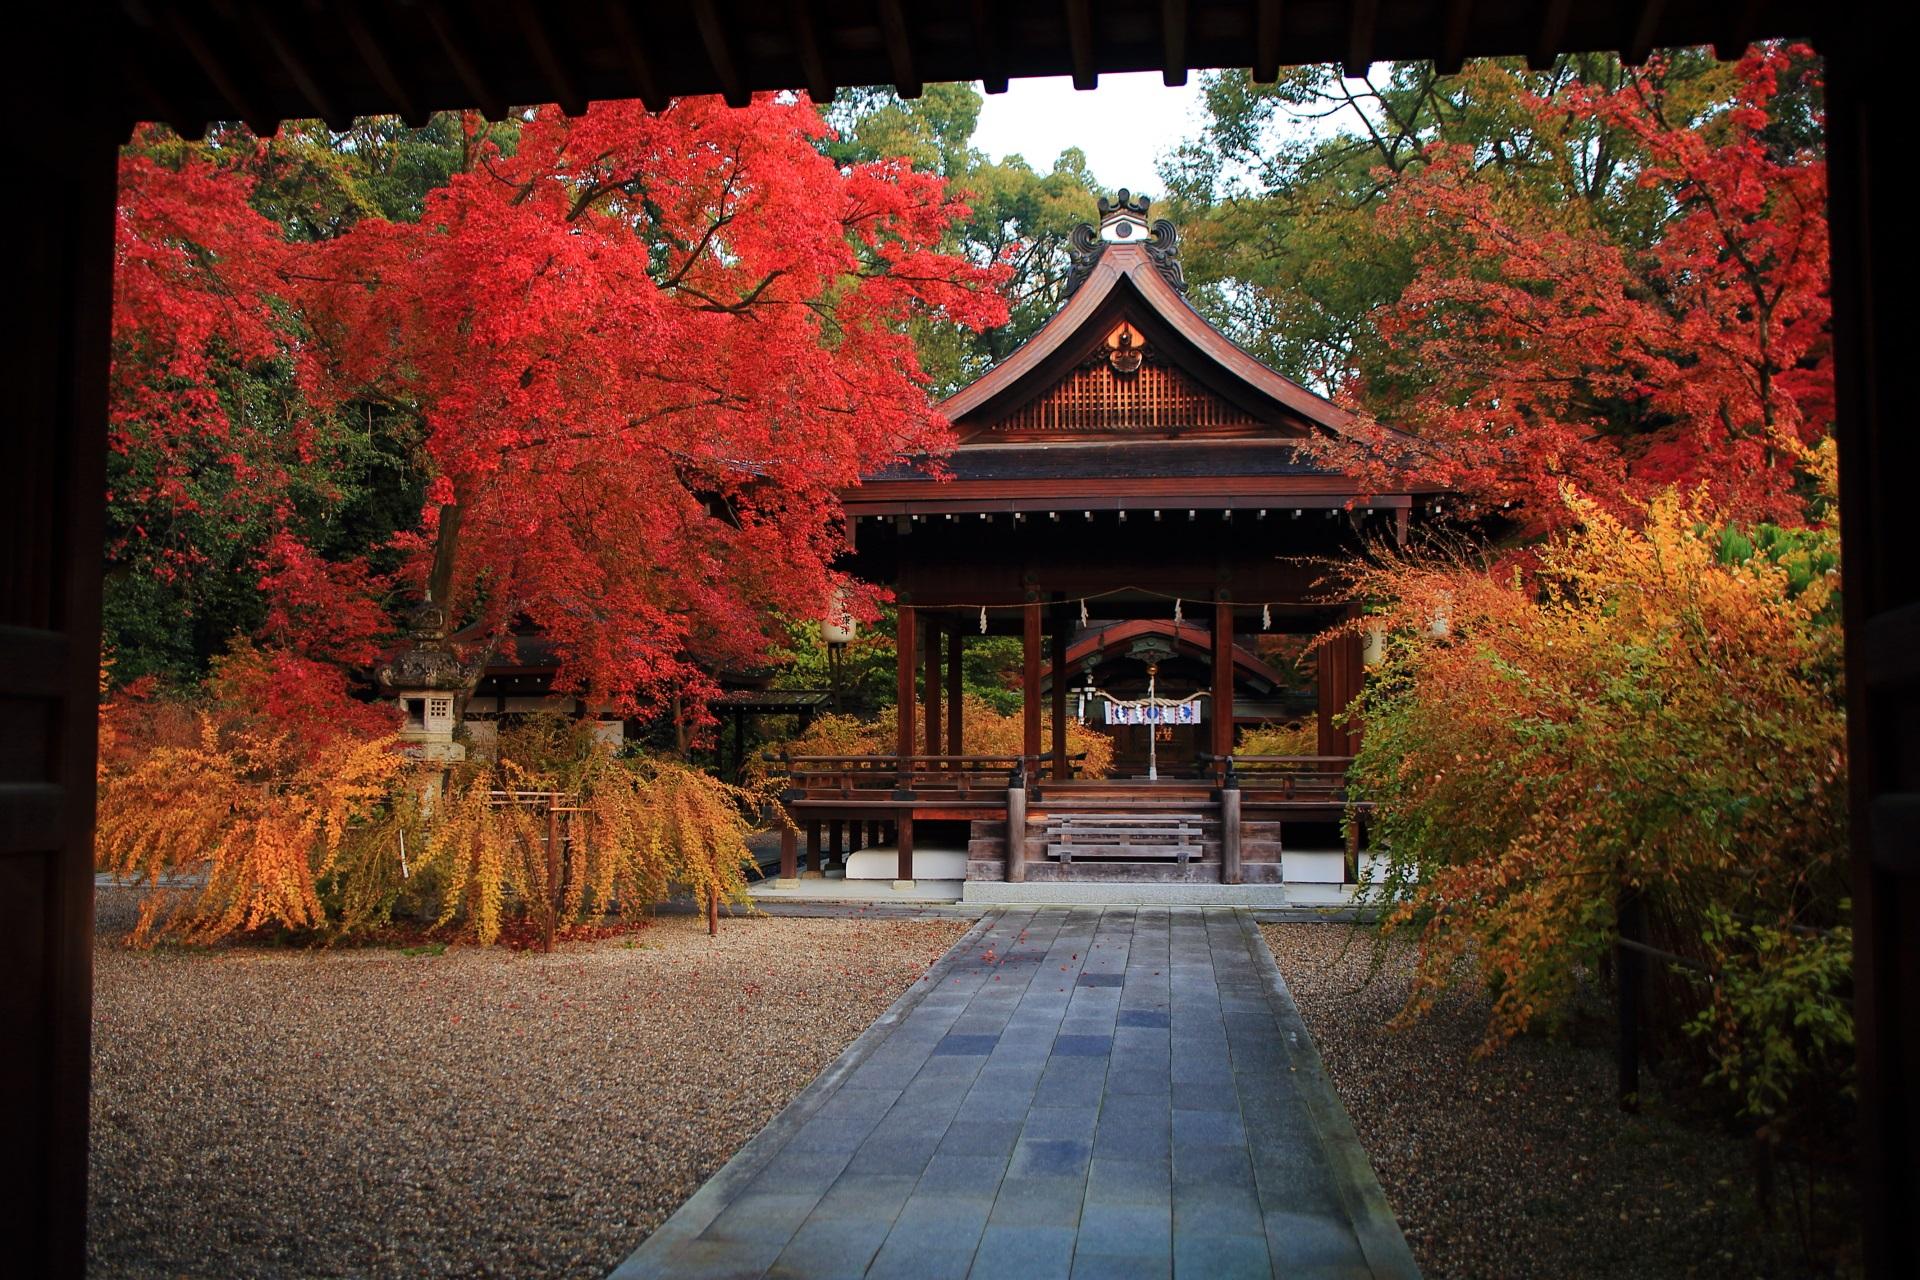 梨木神社の神門の額縁の紅葉